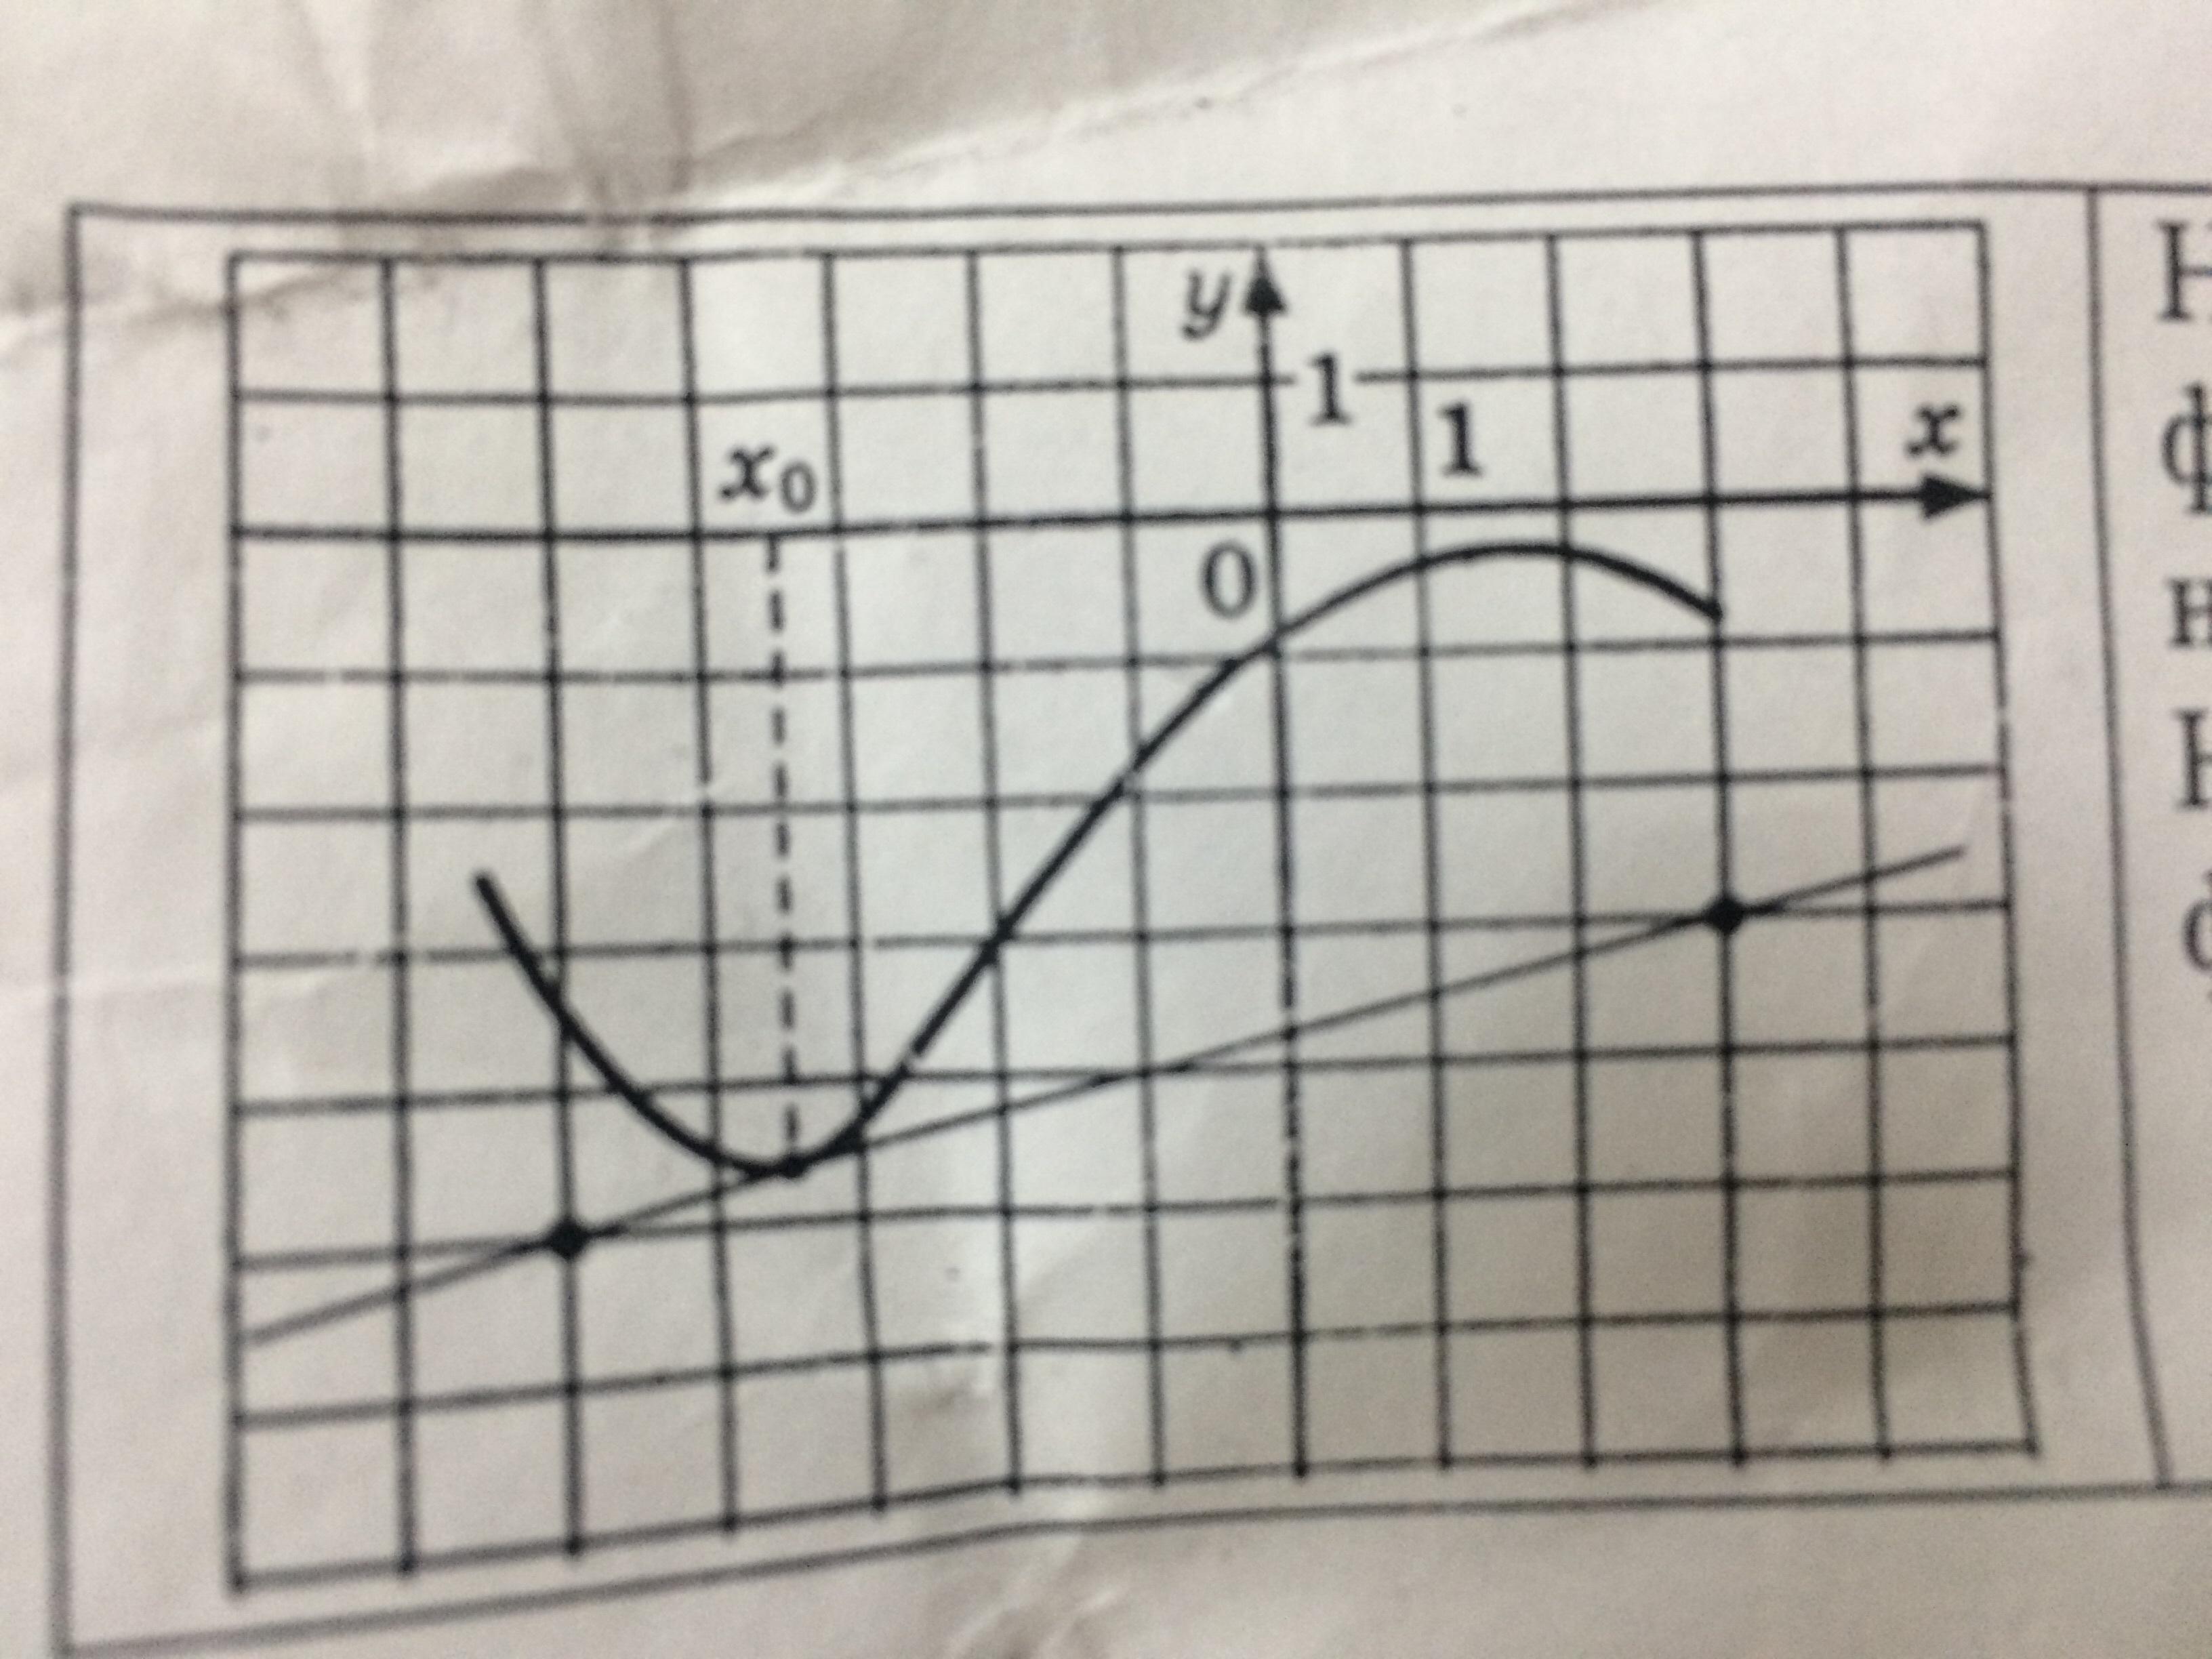 На рисунке изображен график функции y=f(x) и касательная к нему в точке с абсциссой x0. Найдите значение пройзводной функции f(x) в точке x0.